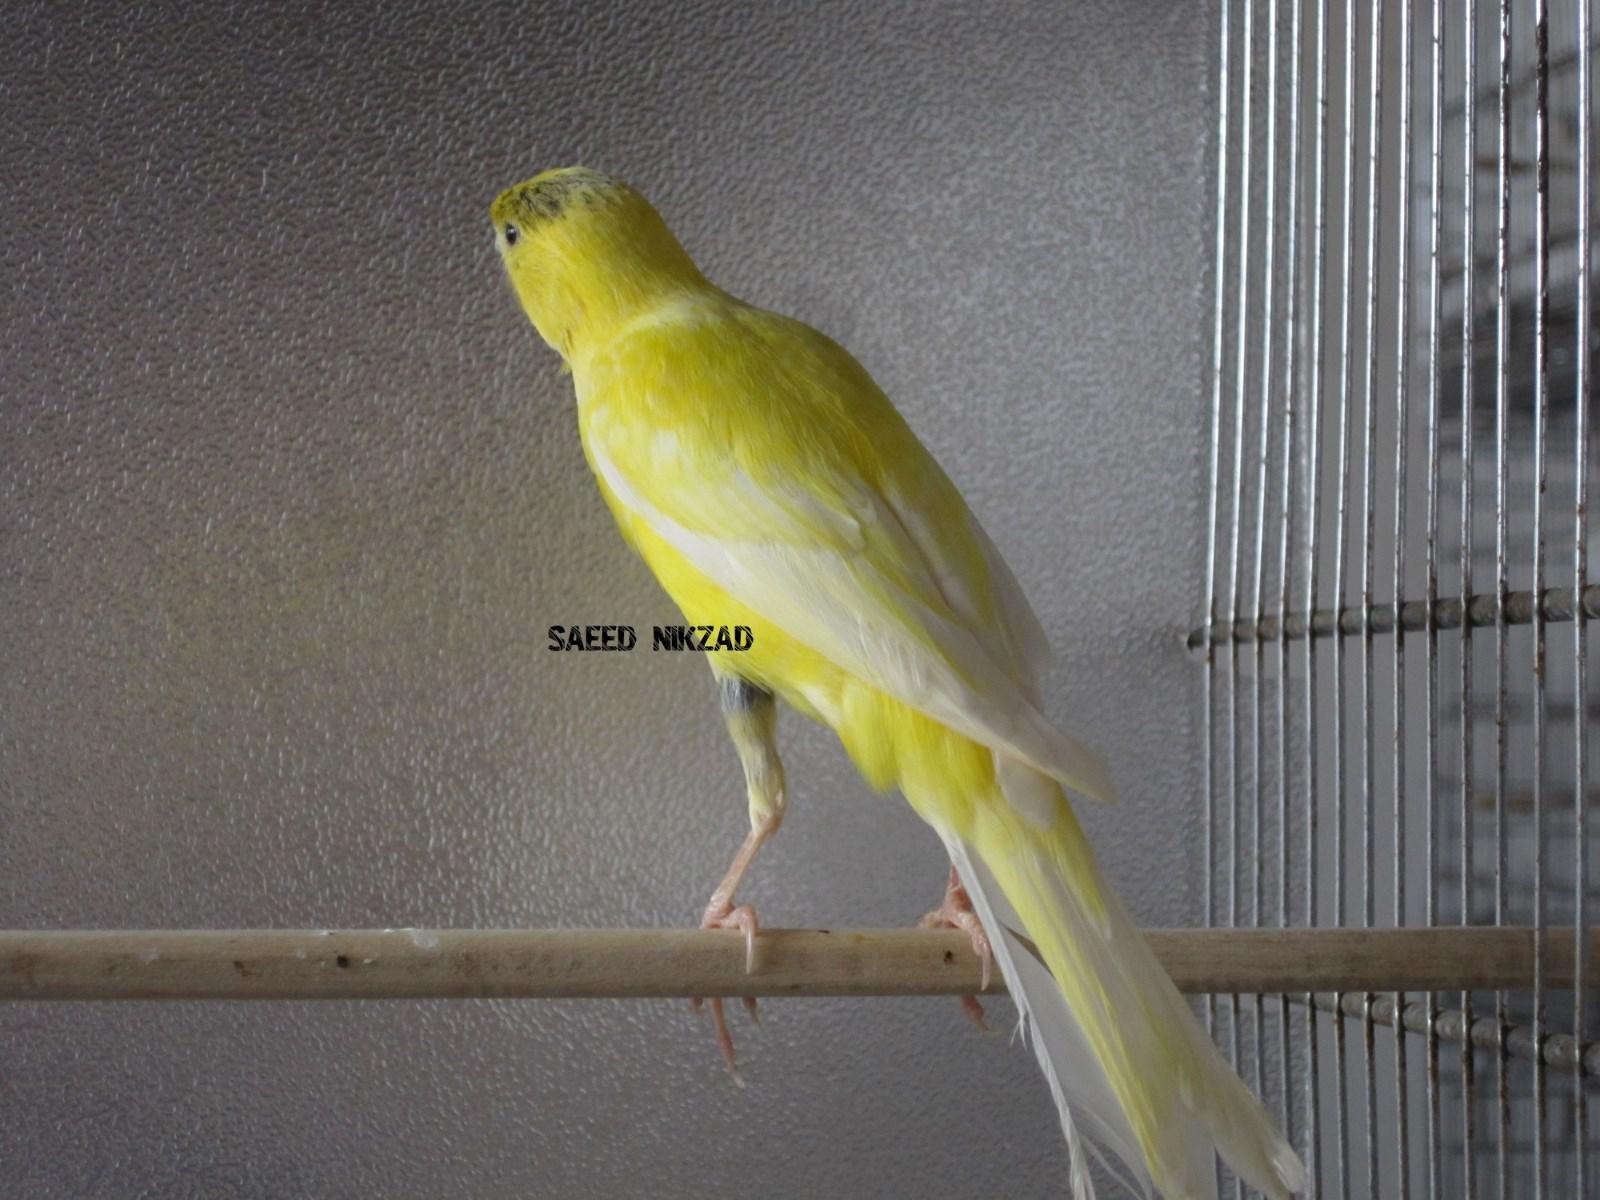 قناری ماده سوپر زرد داغ سر یکساله